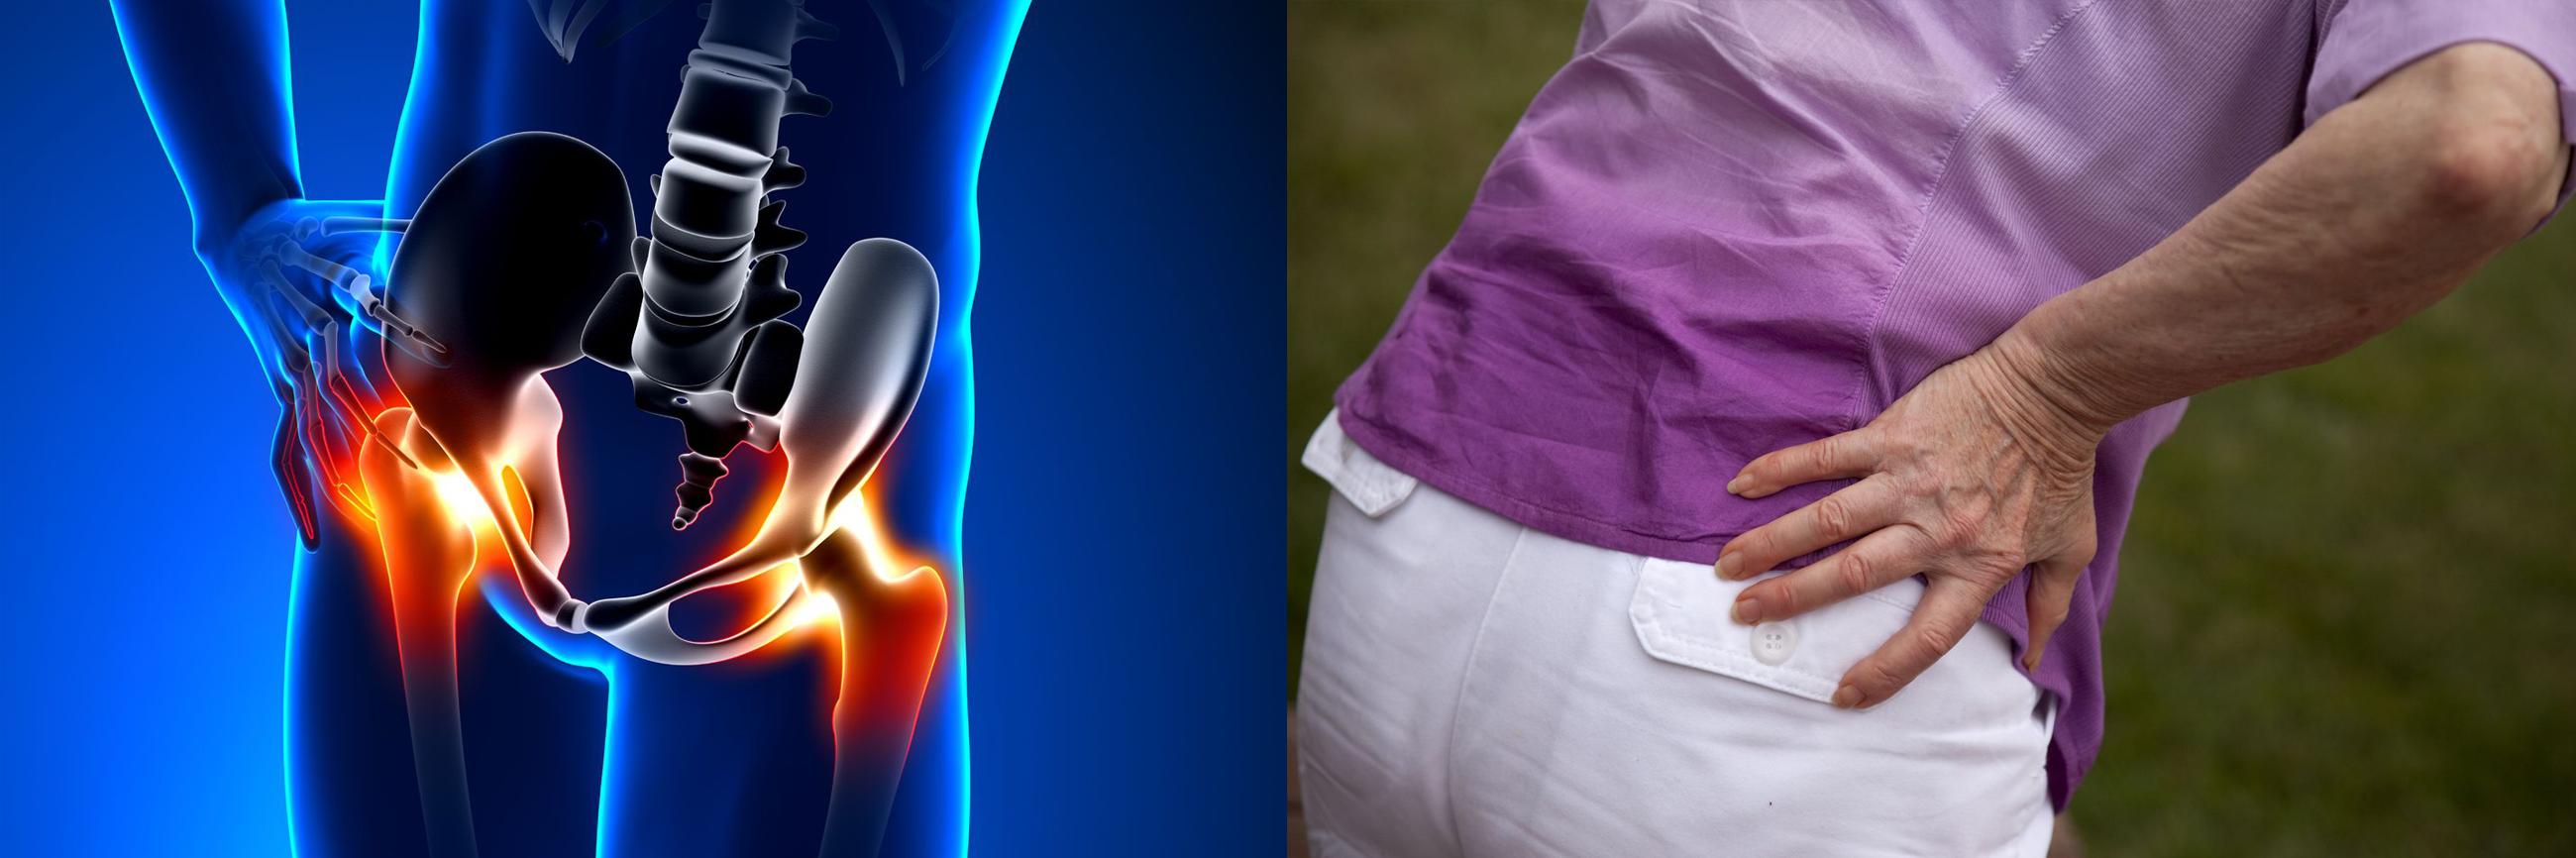 fájdalmat okoznak a csípőízületben hogyan és hogyan kezeljük az ízületi gyulladást